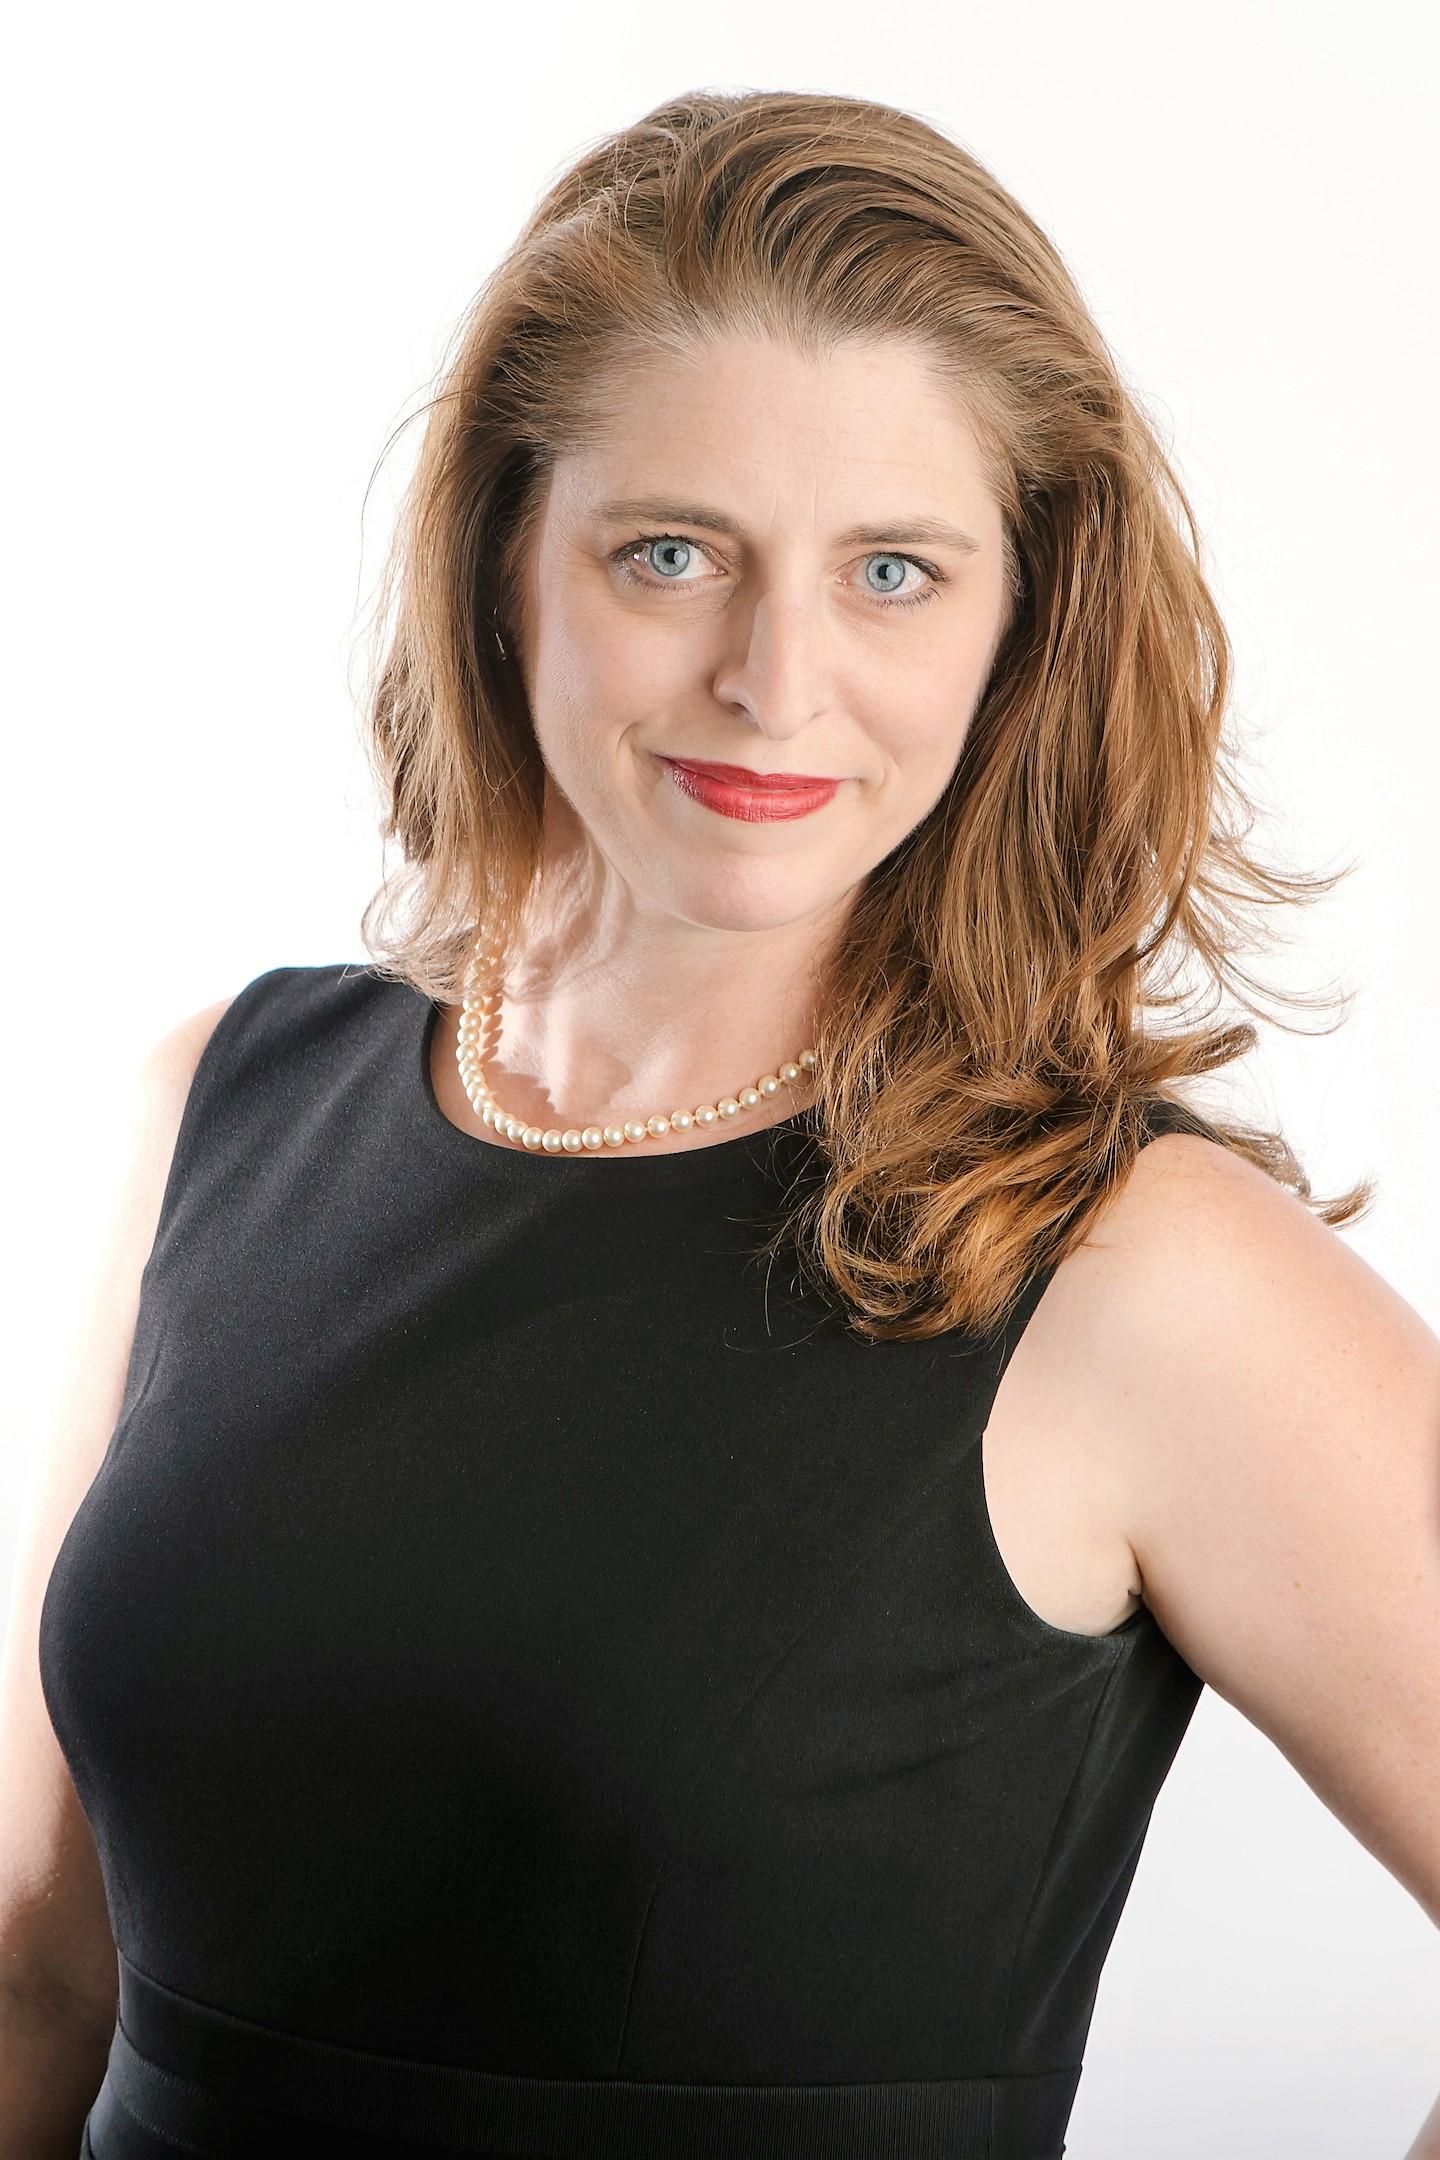 Sarah Lattanza